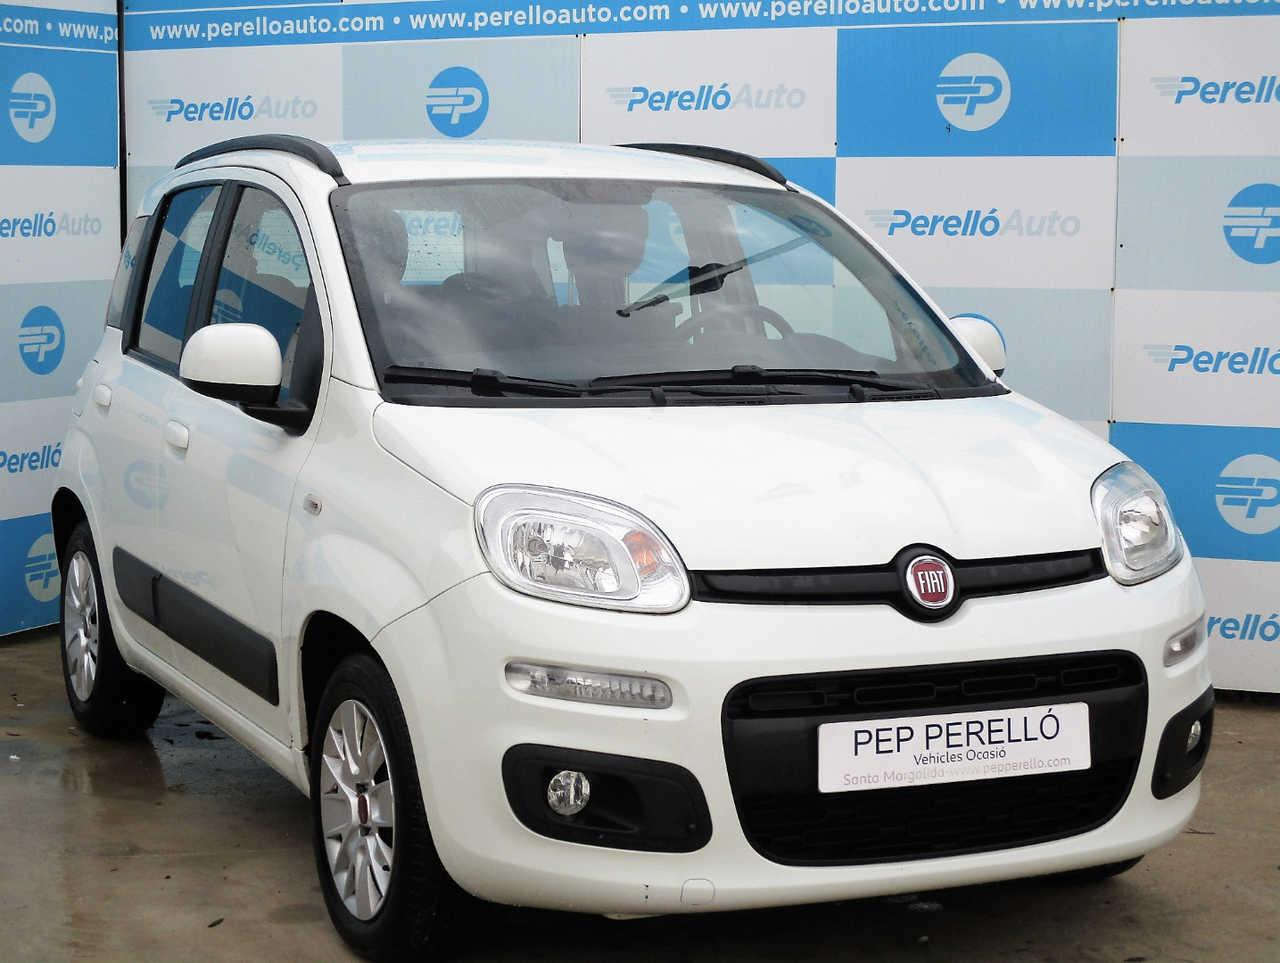 Fiat Panda 1.2 69CV LOUNGE   - Foto 1